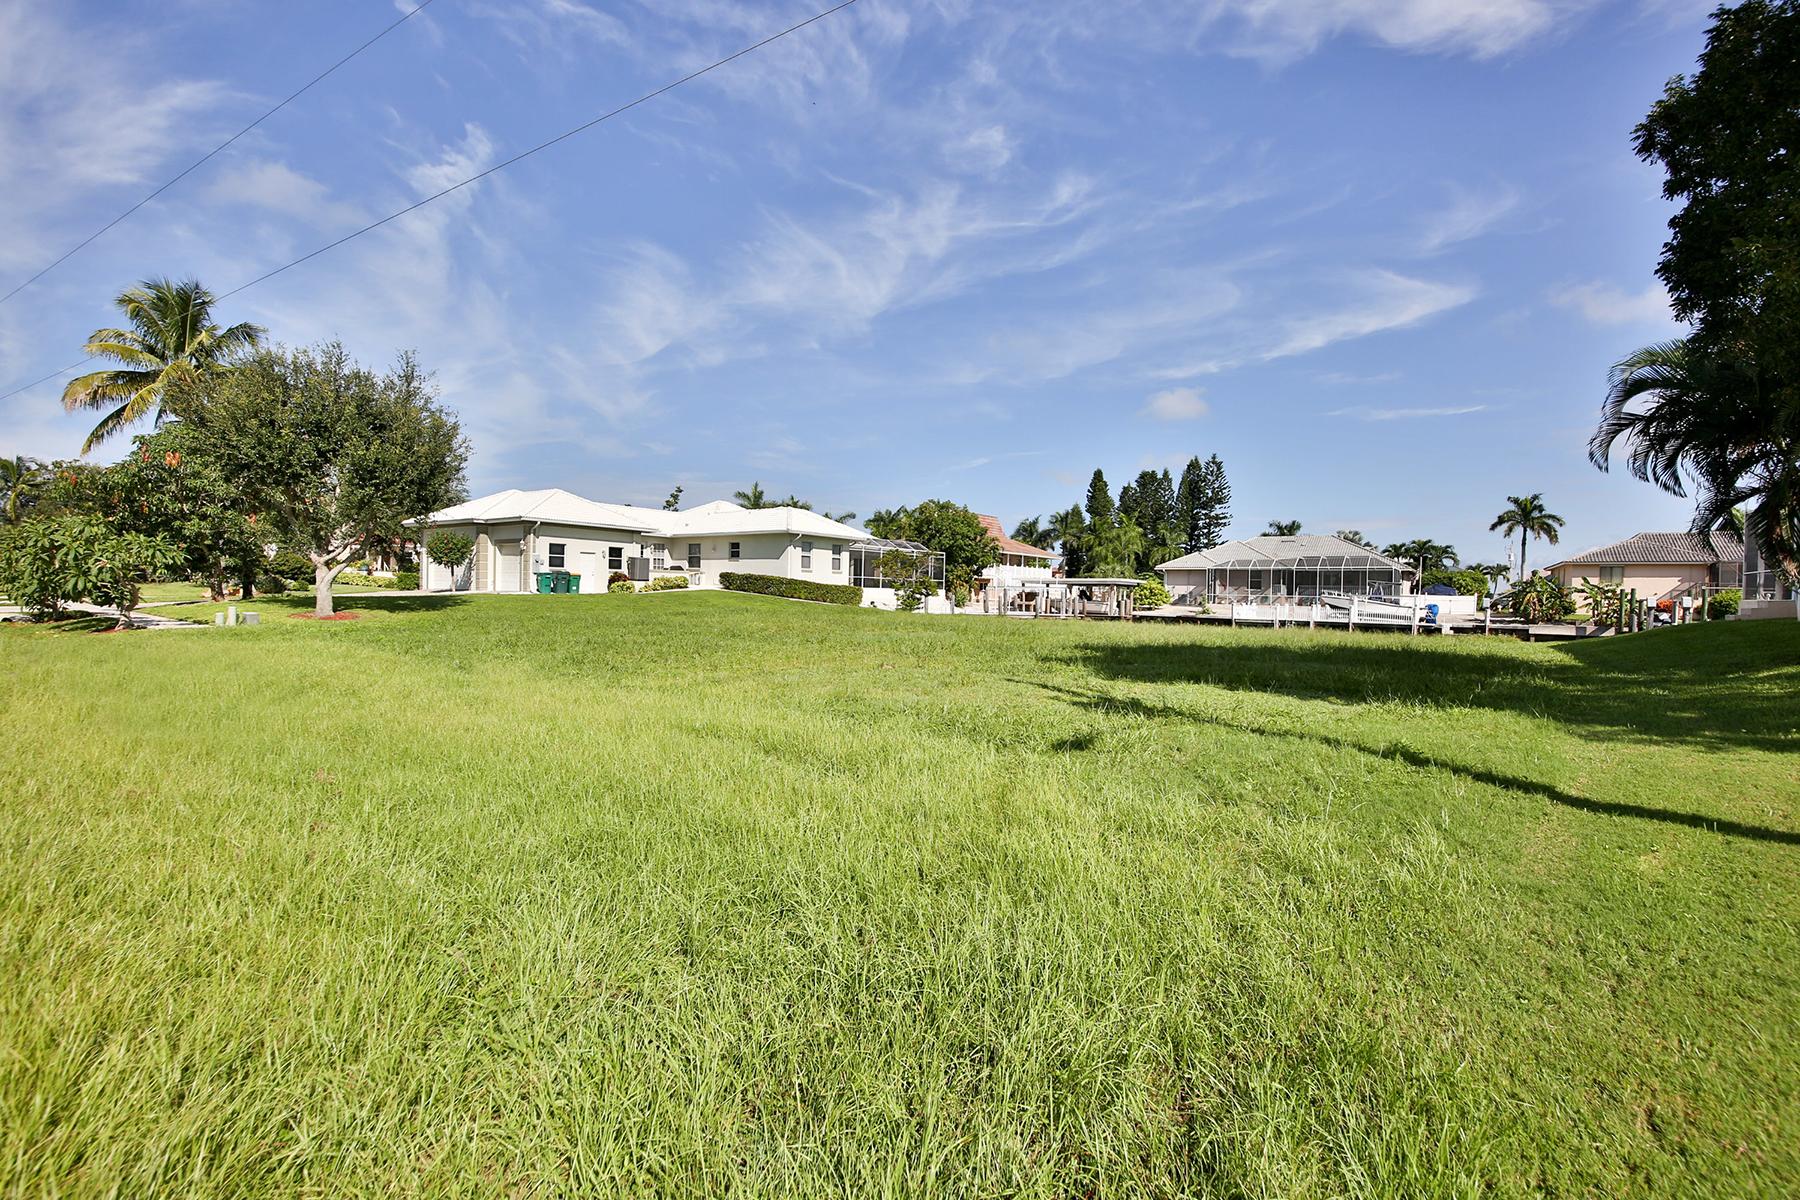 Terreno por un Venta en MARCO ISLAND 1110 Abbeville Ct Marco Island, Florida, 34145 Estados Unidos